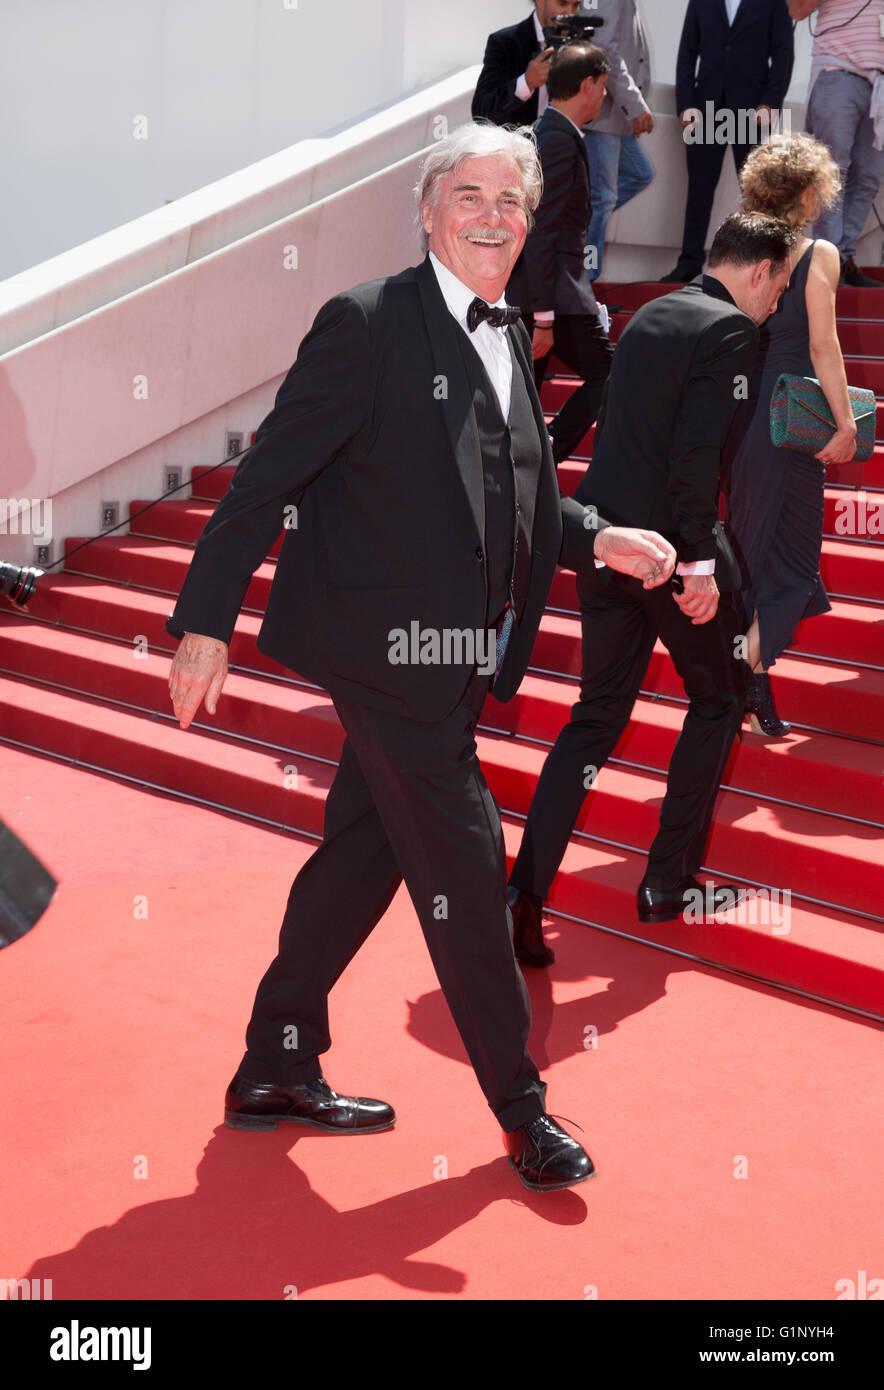 Cannes, France. 15 mai, 2016. L'acteur Peter Simonischek Toni Erdmann, Premiere 69 ème Festival du Film de Cannes Cannes, France 15 mai 2016 Diw90065 Allstar Crédit: photo library/Alamy Live News Banque D'Images